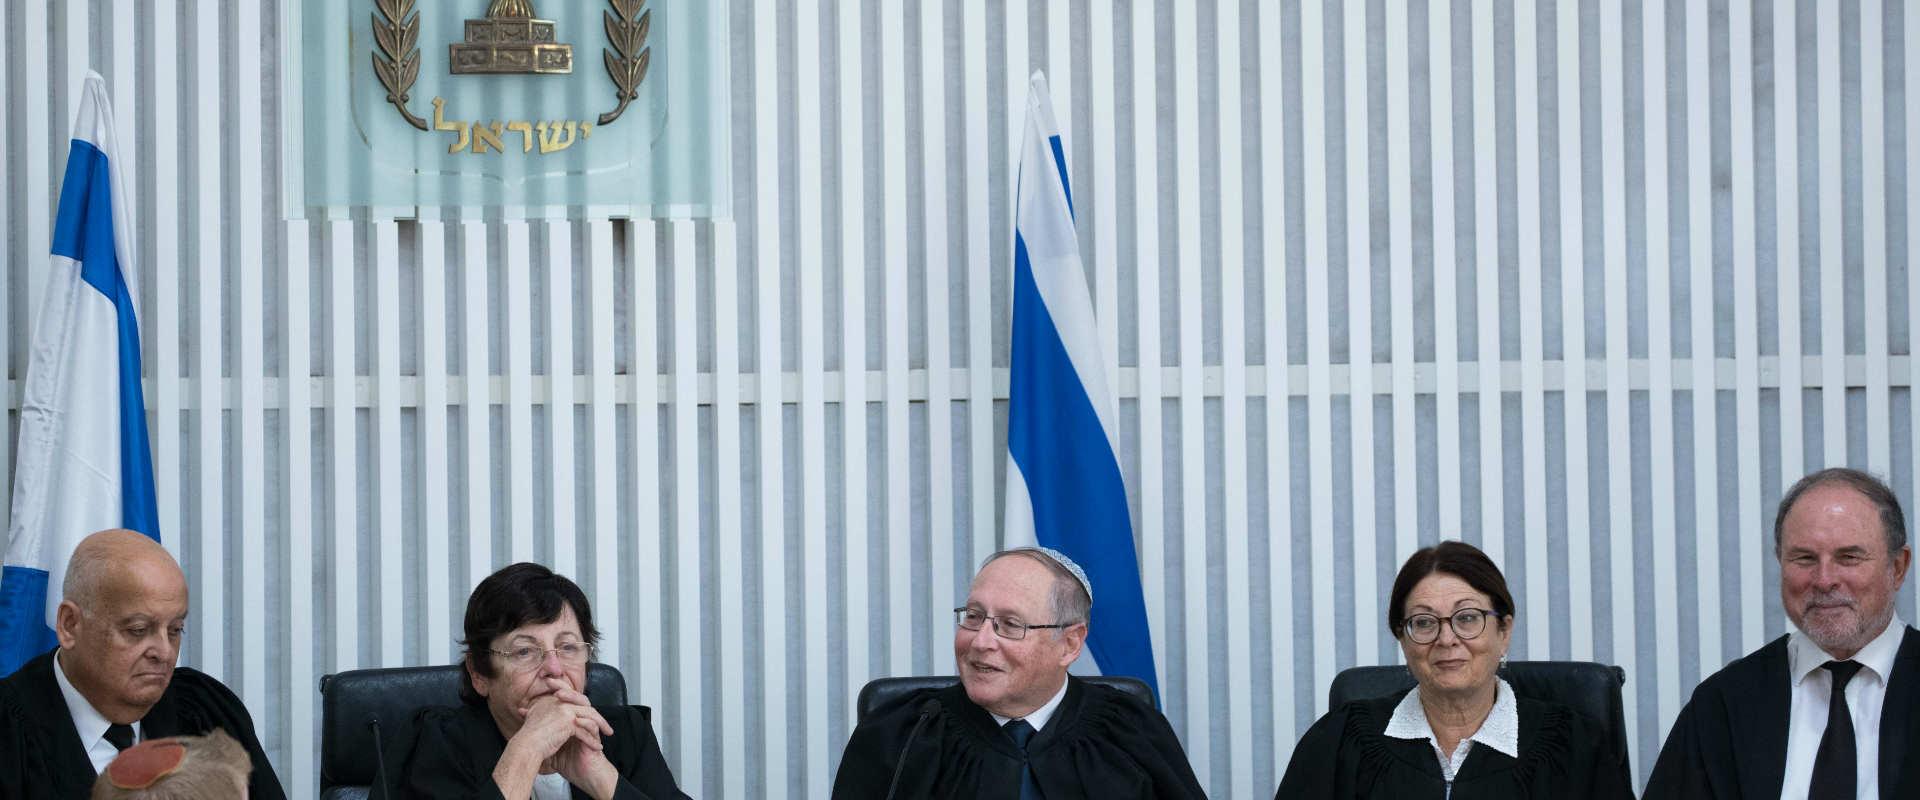 """בג""""ץ נפרד מהשופט אליקים רובינשטיין הפורש, יוני 201"""